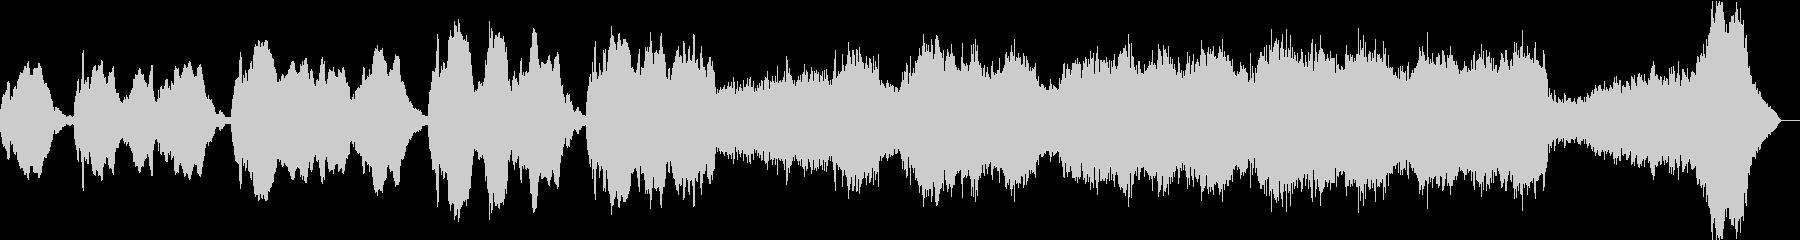 壮大なイメージのstrings曲の未再生の波形